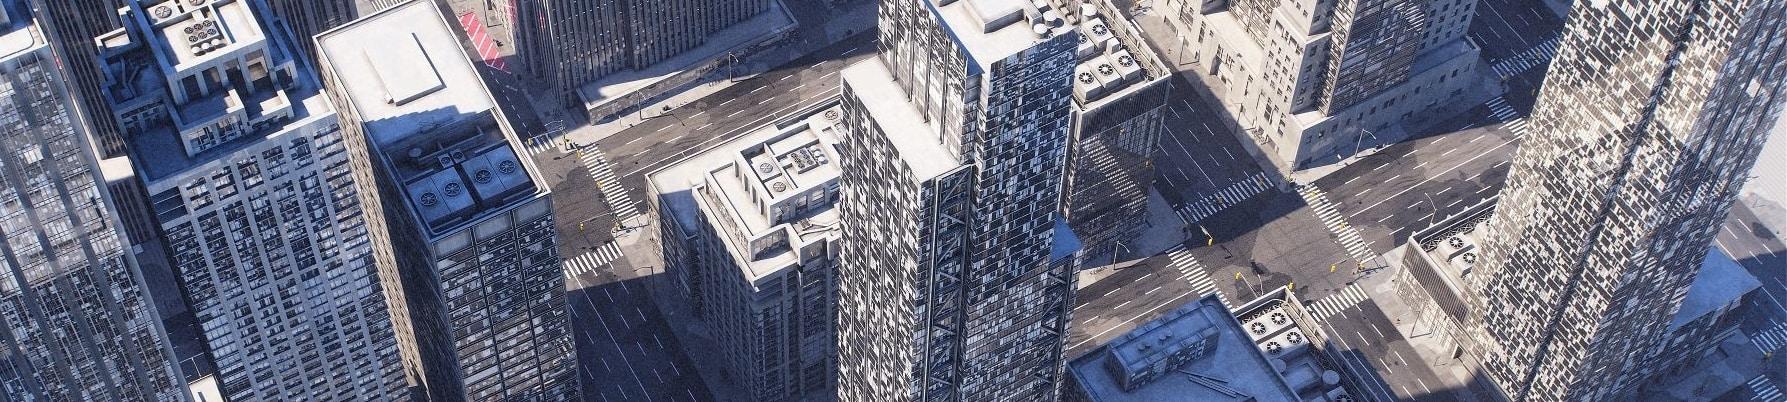 3D City Road Models